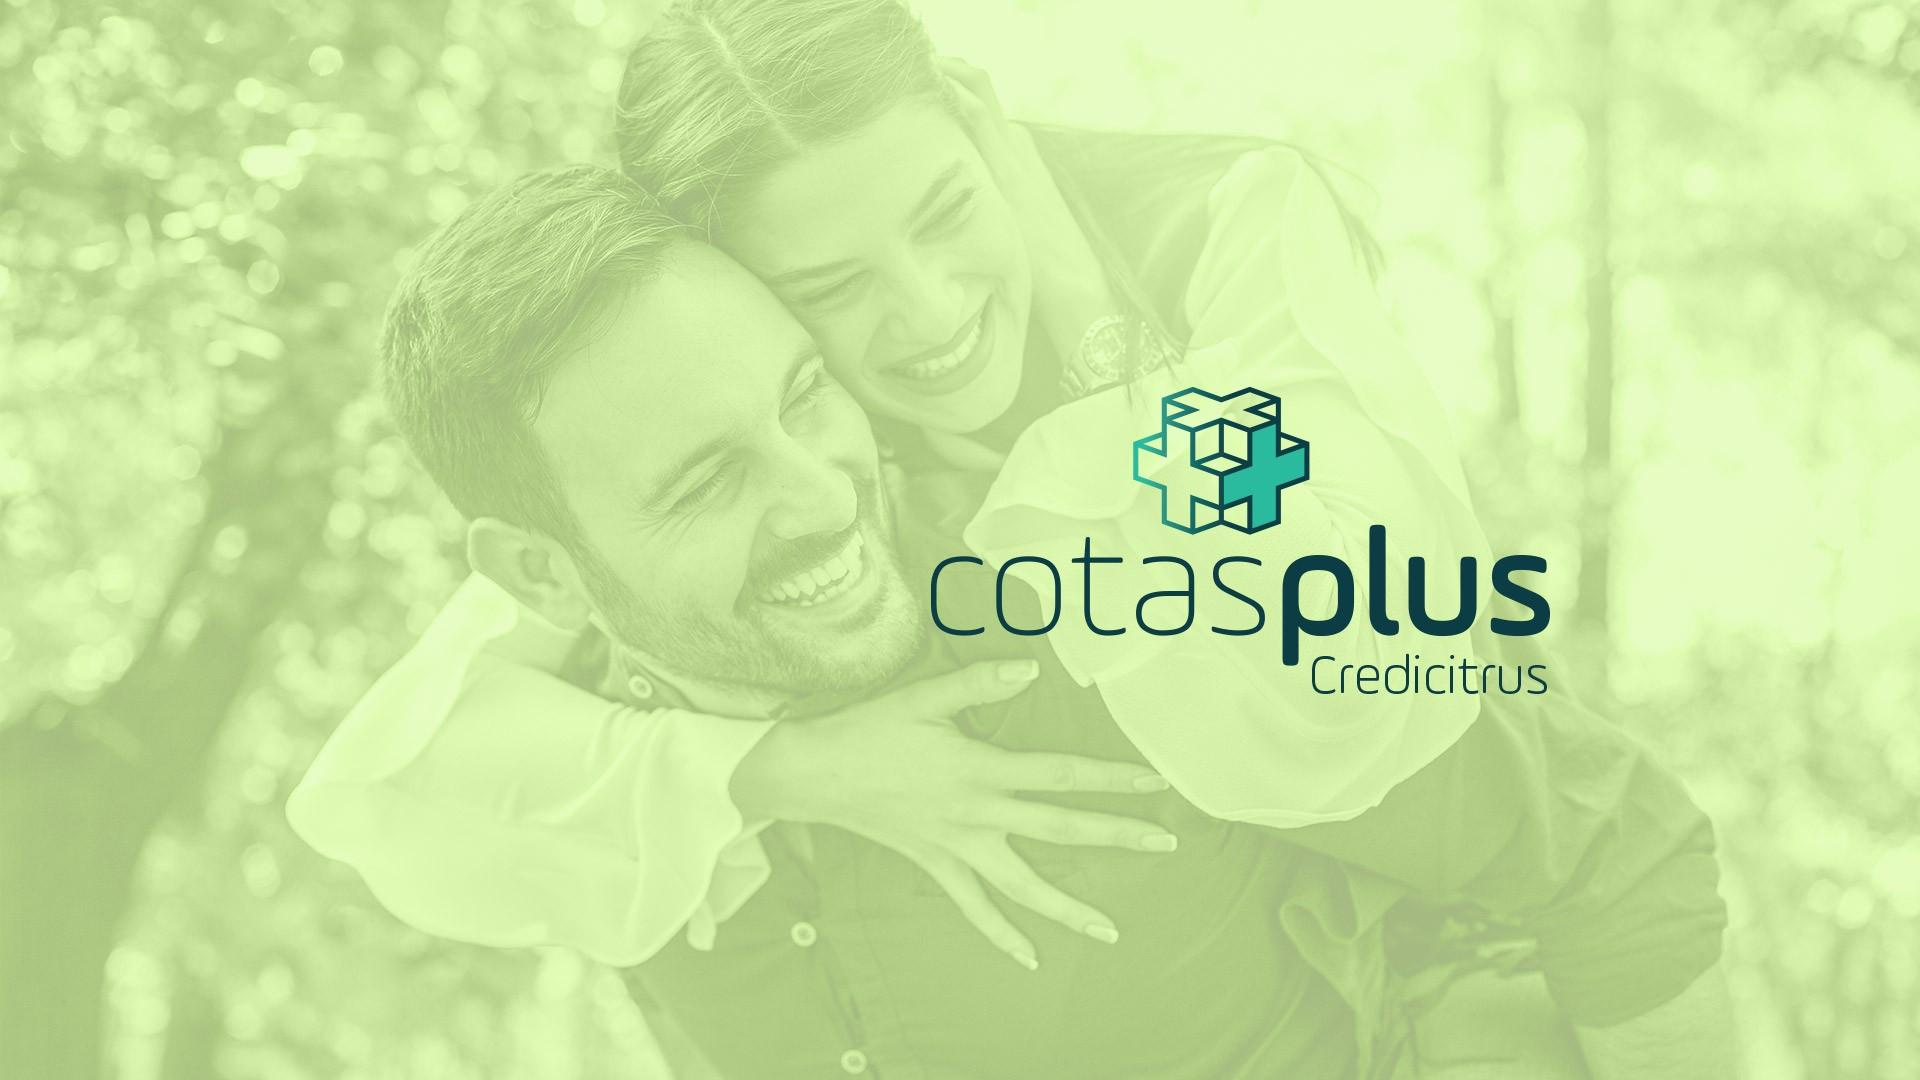 Cotas PLUS criam tranquilidade  no presente e prosperidade no futuro - Notícias - Plantão Diário